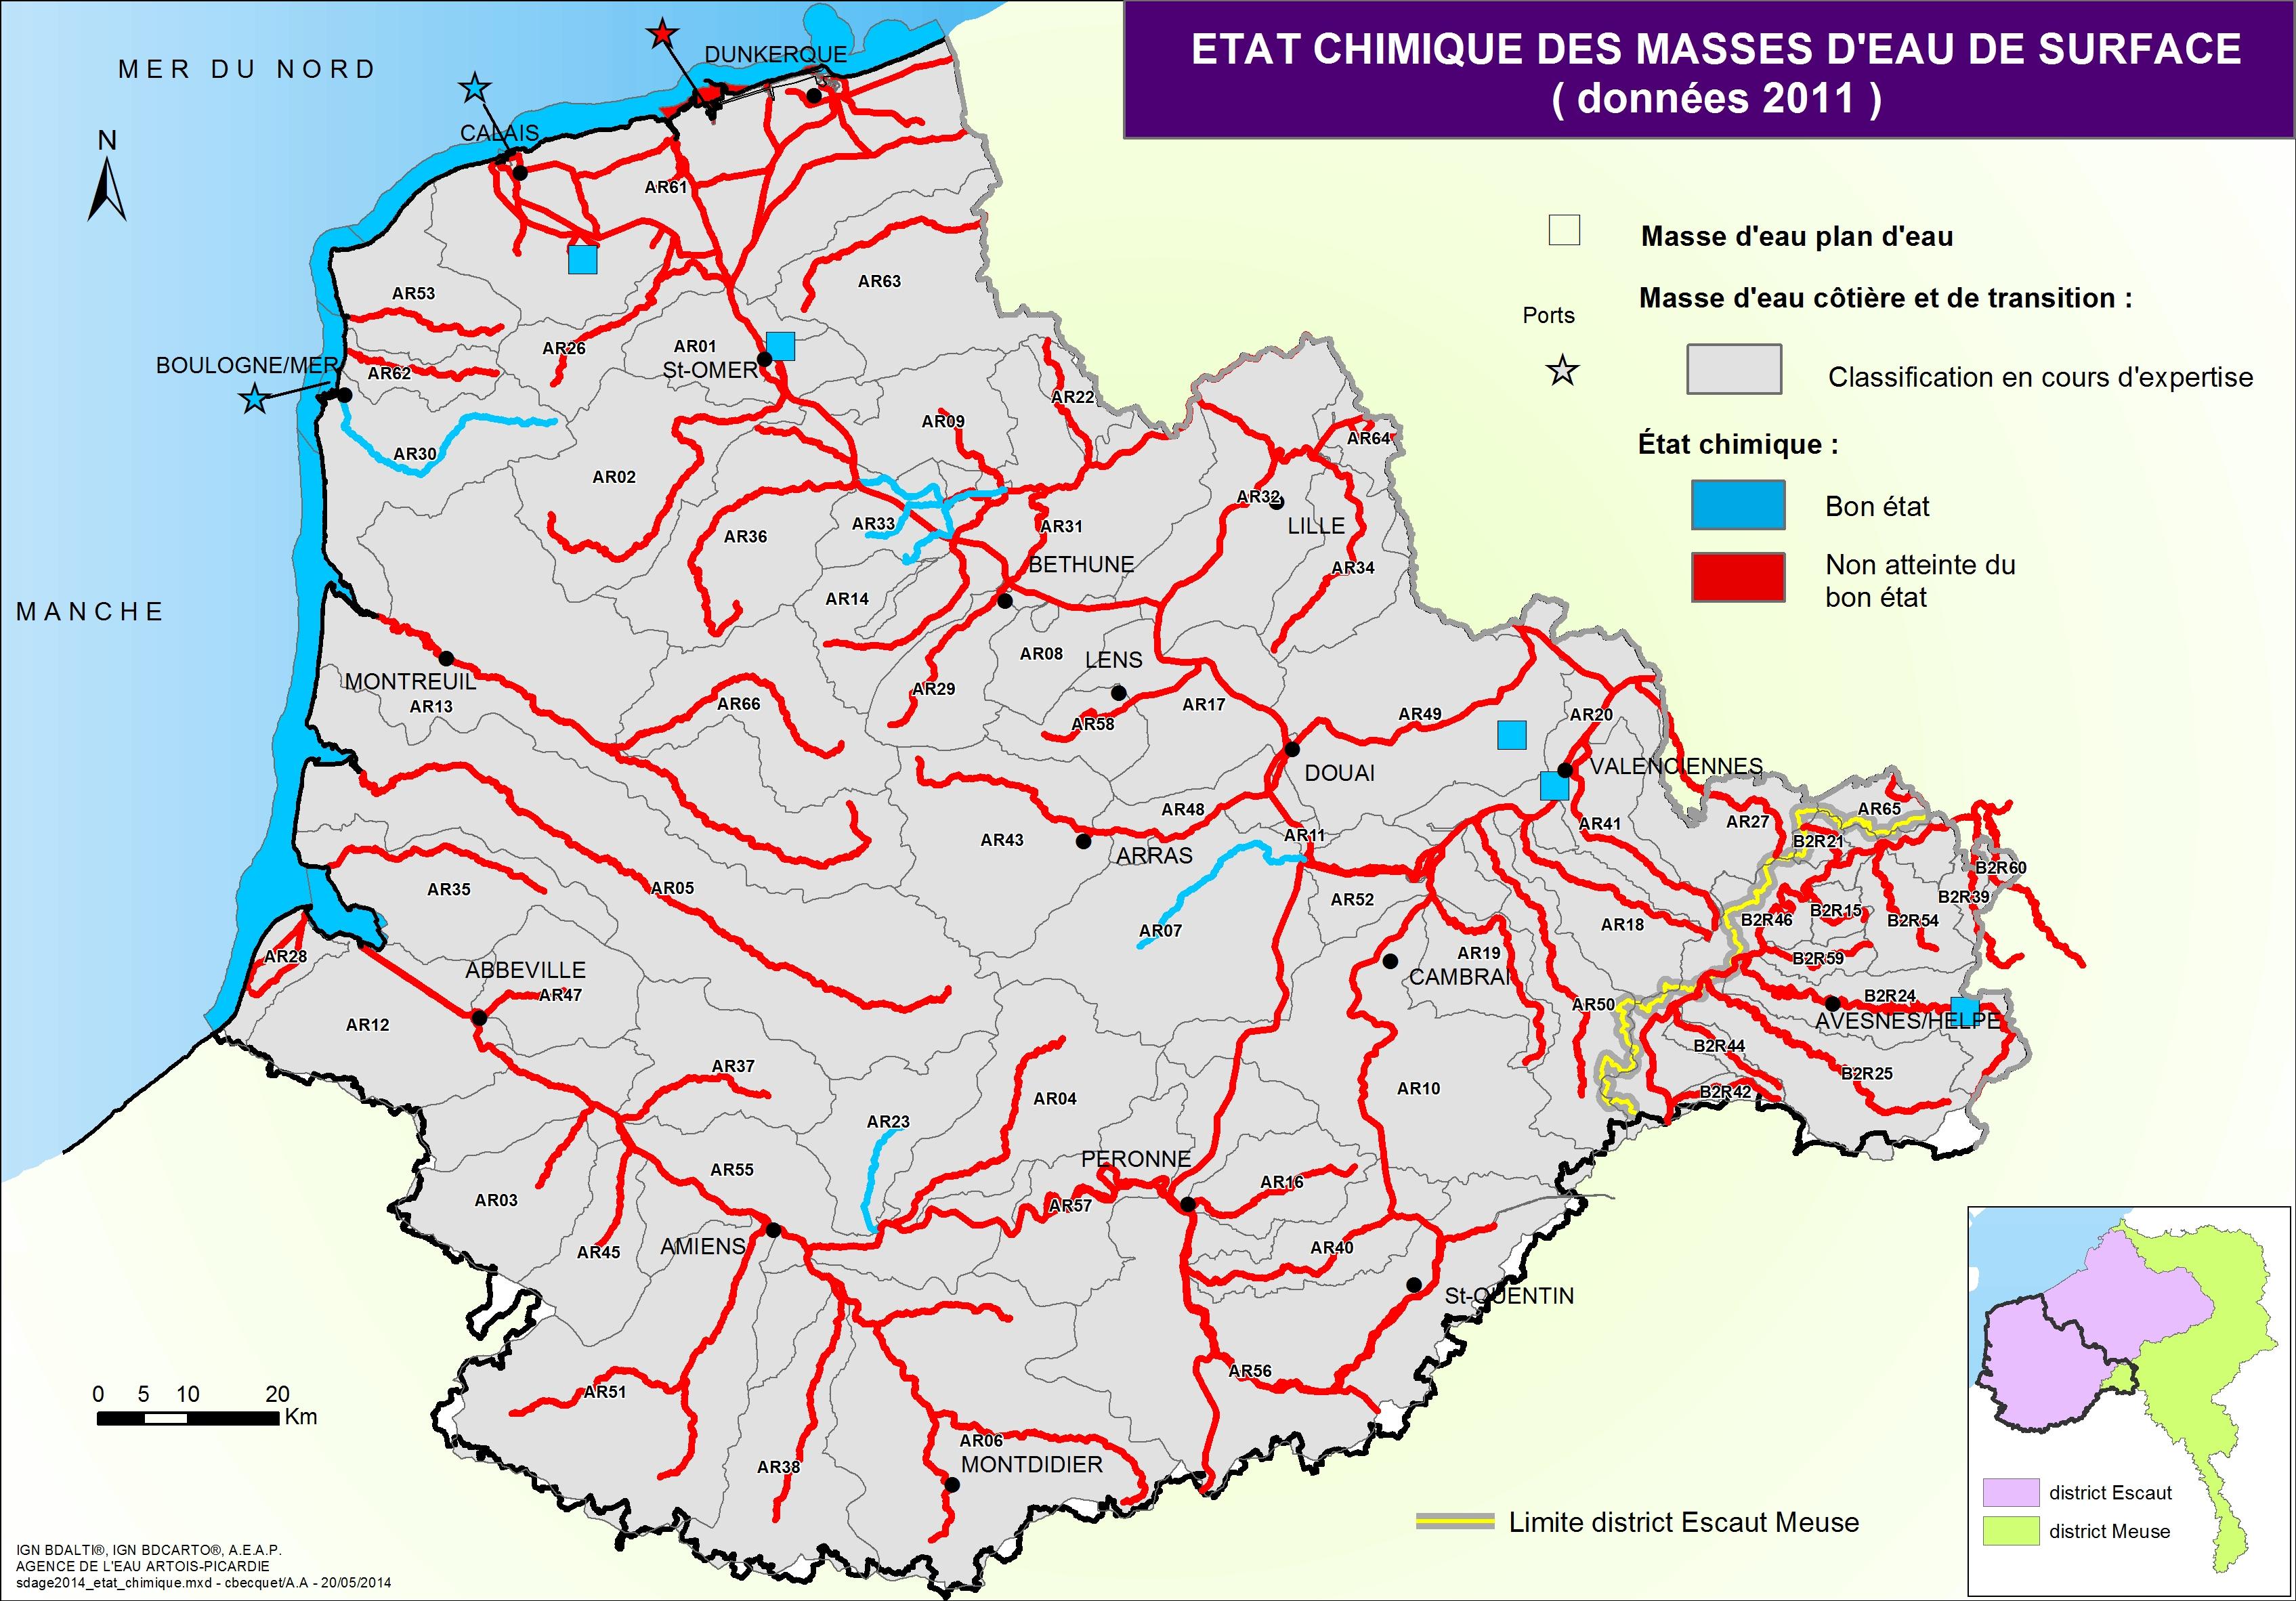 p168_carte26_etat_chimique_surface.jpg